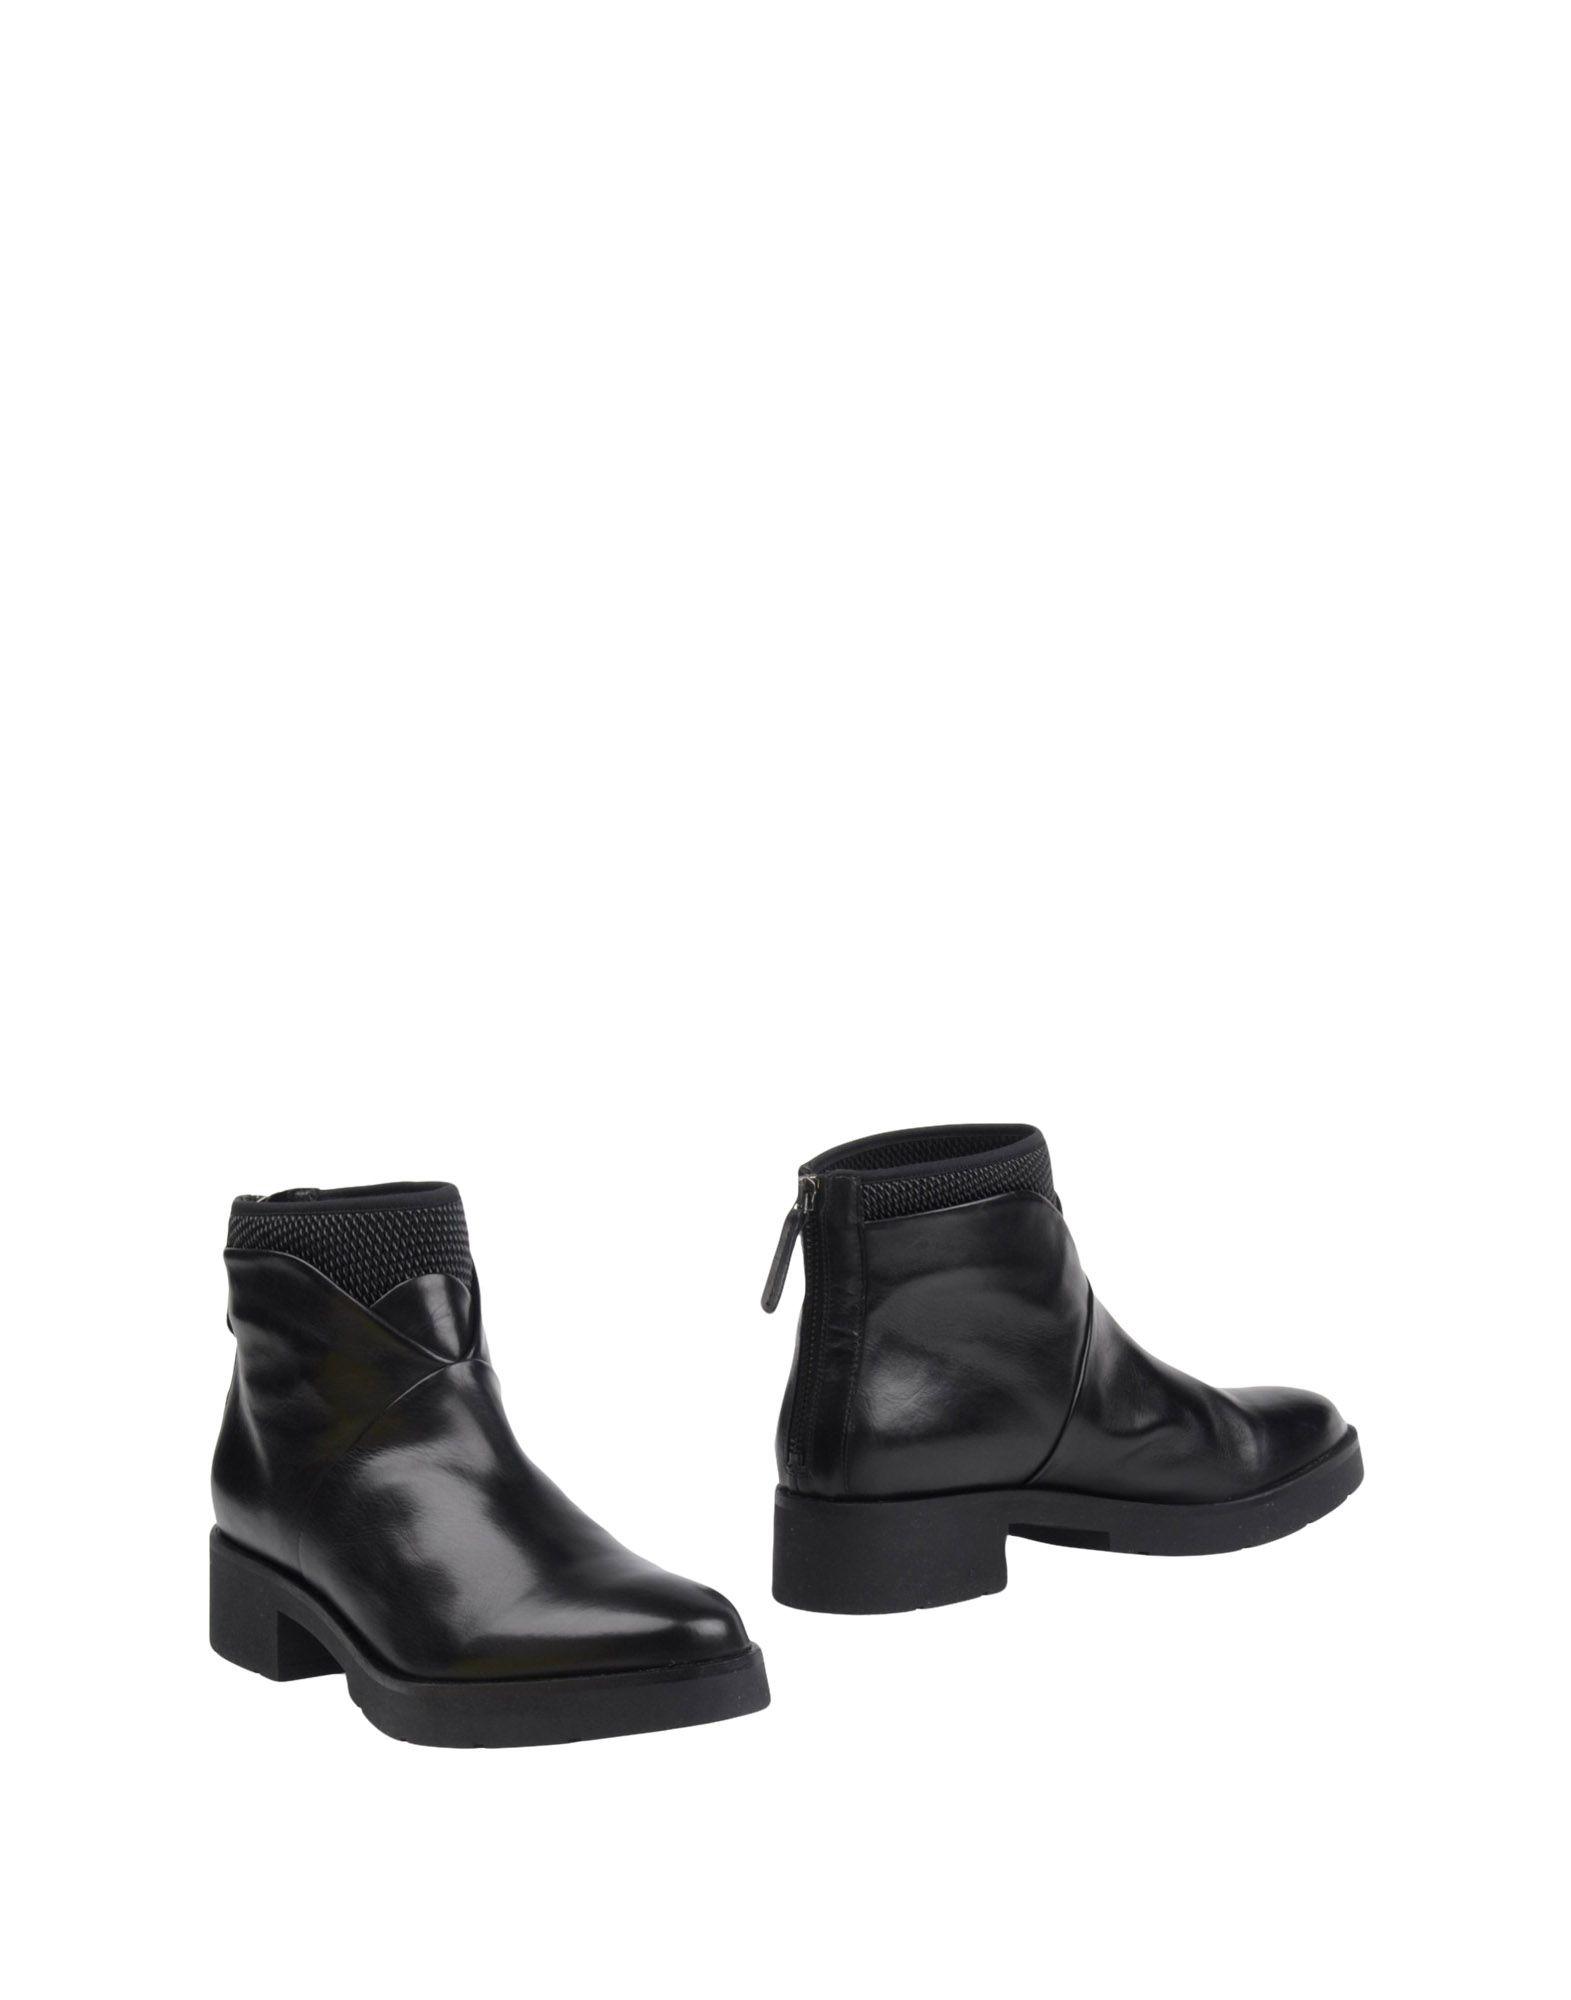 Carmens Stiefelette Damen  11268827FS Gute Qualität beliebte Schuhe